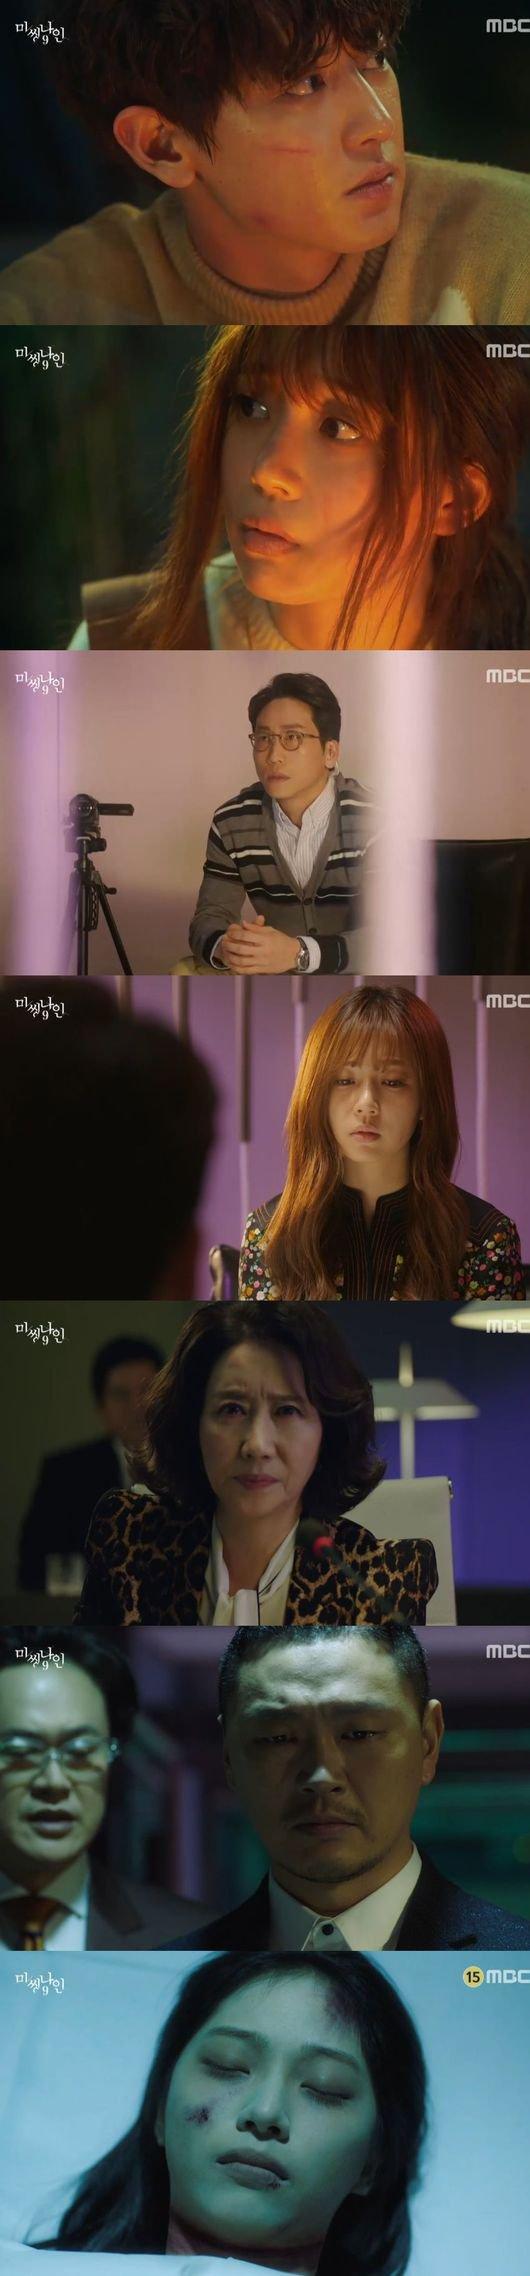 [Spoiler] 'Missing 9' Baek Jinhee, is it really amnesia